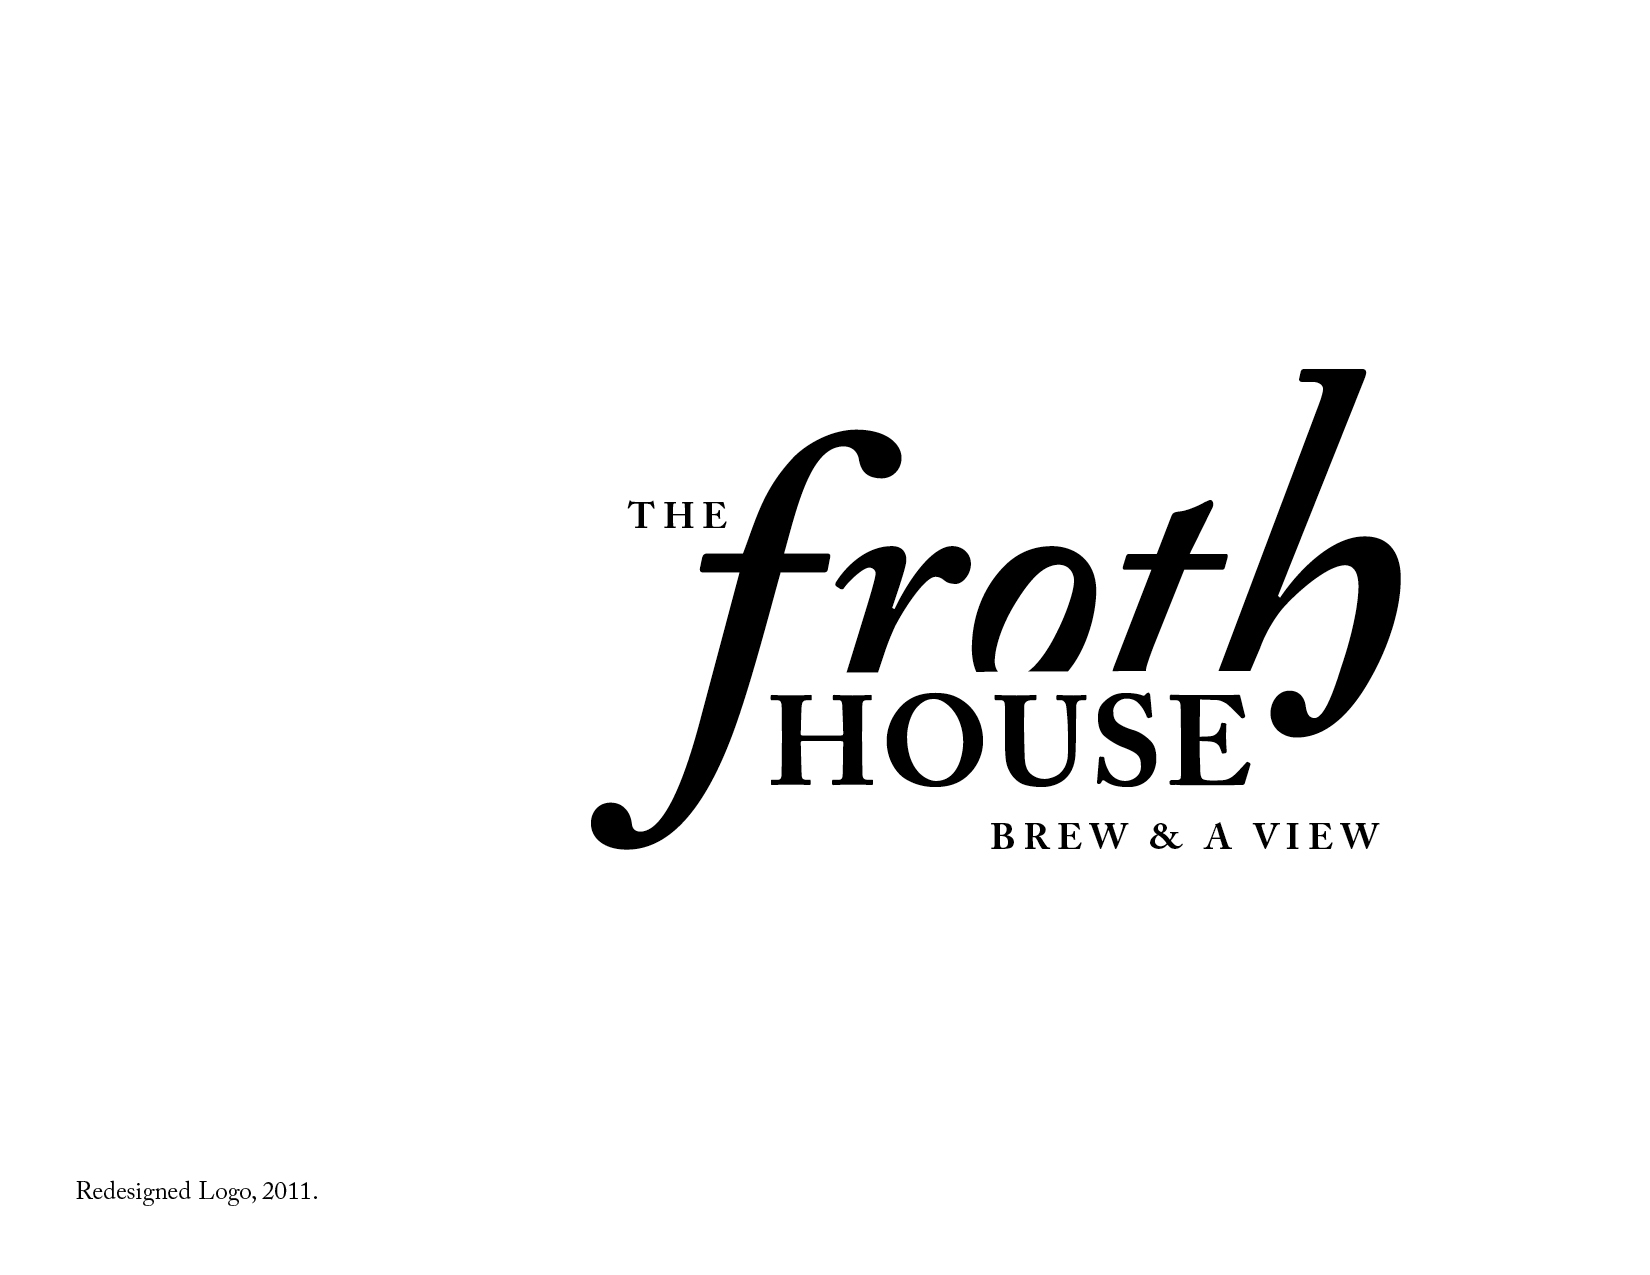 FH_broadside_letter2.jpg